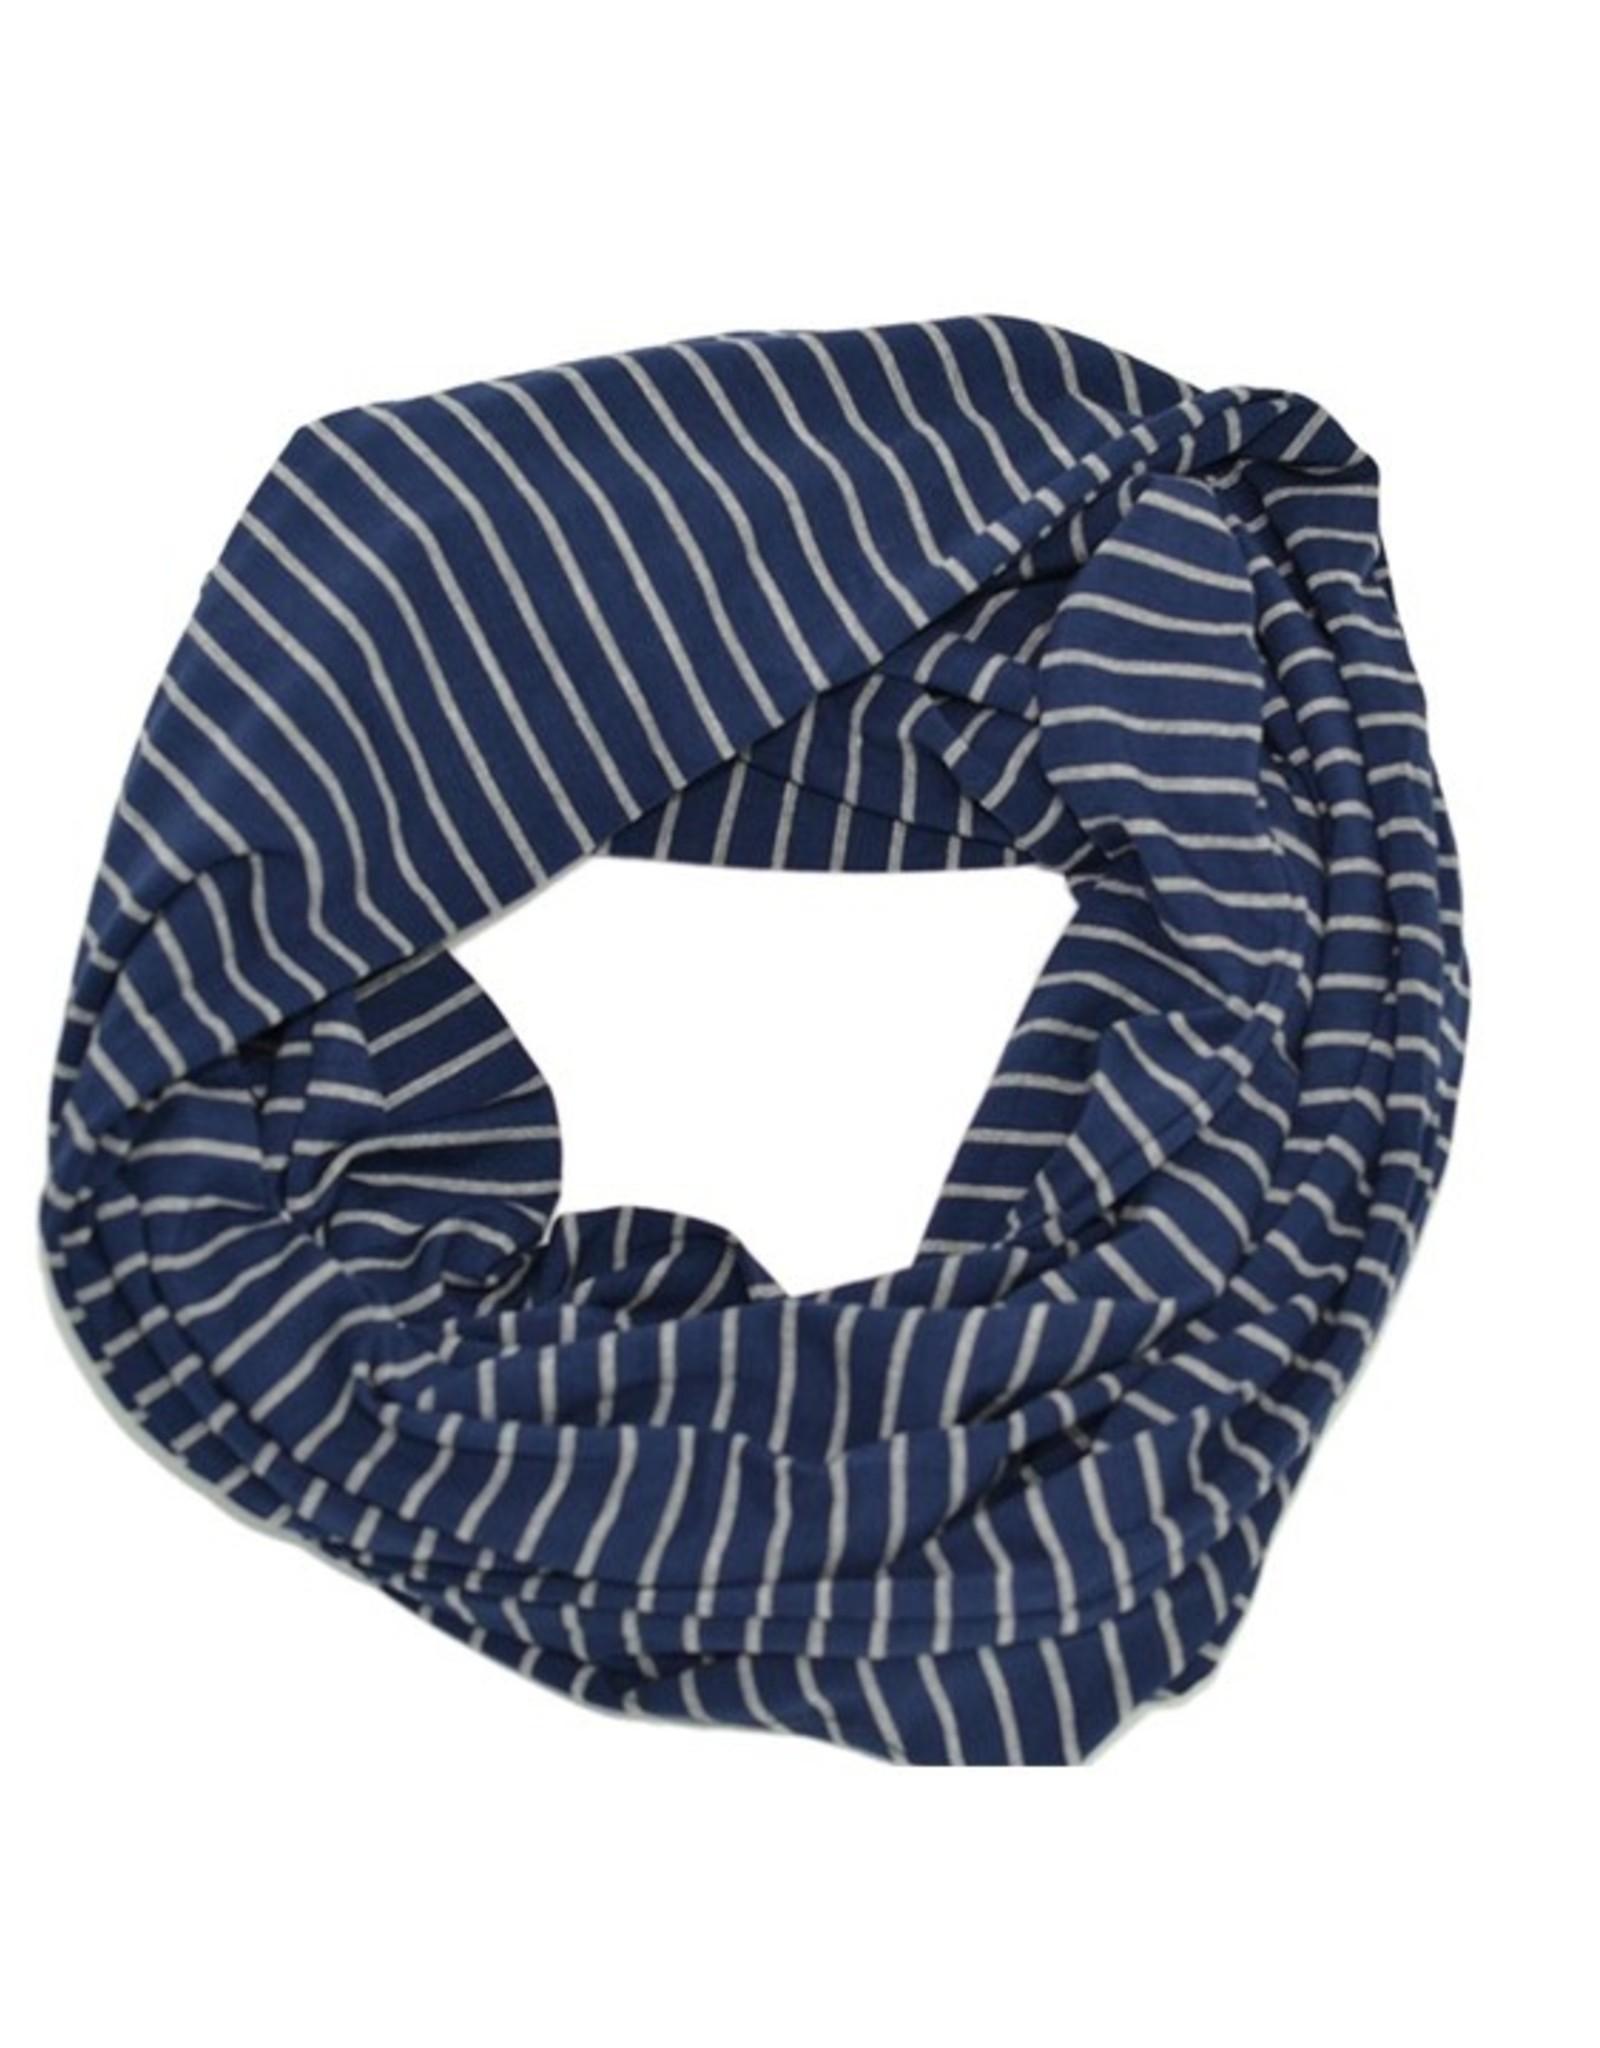 Baluchon Foulard infini rayure marine #1863-1451